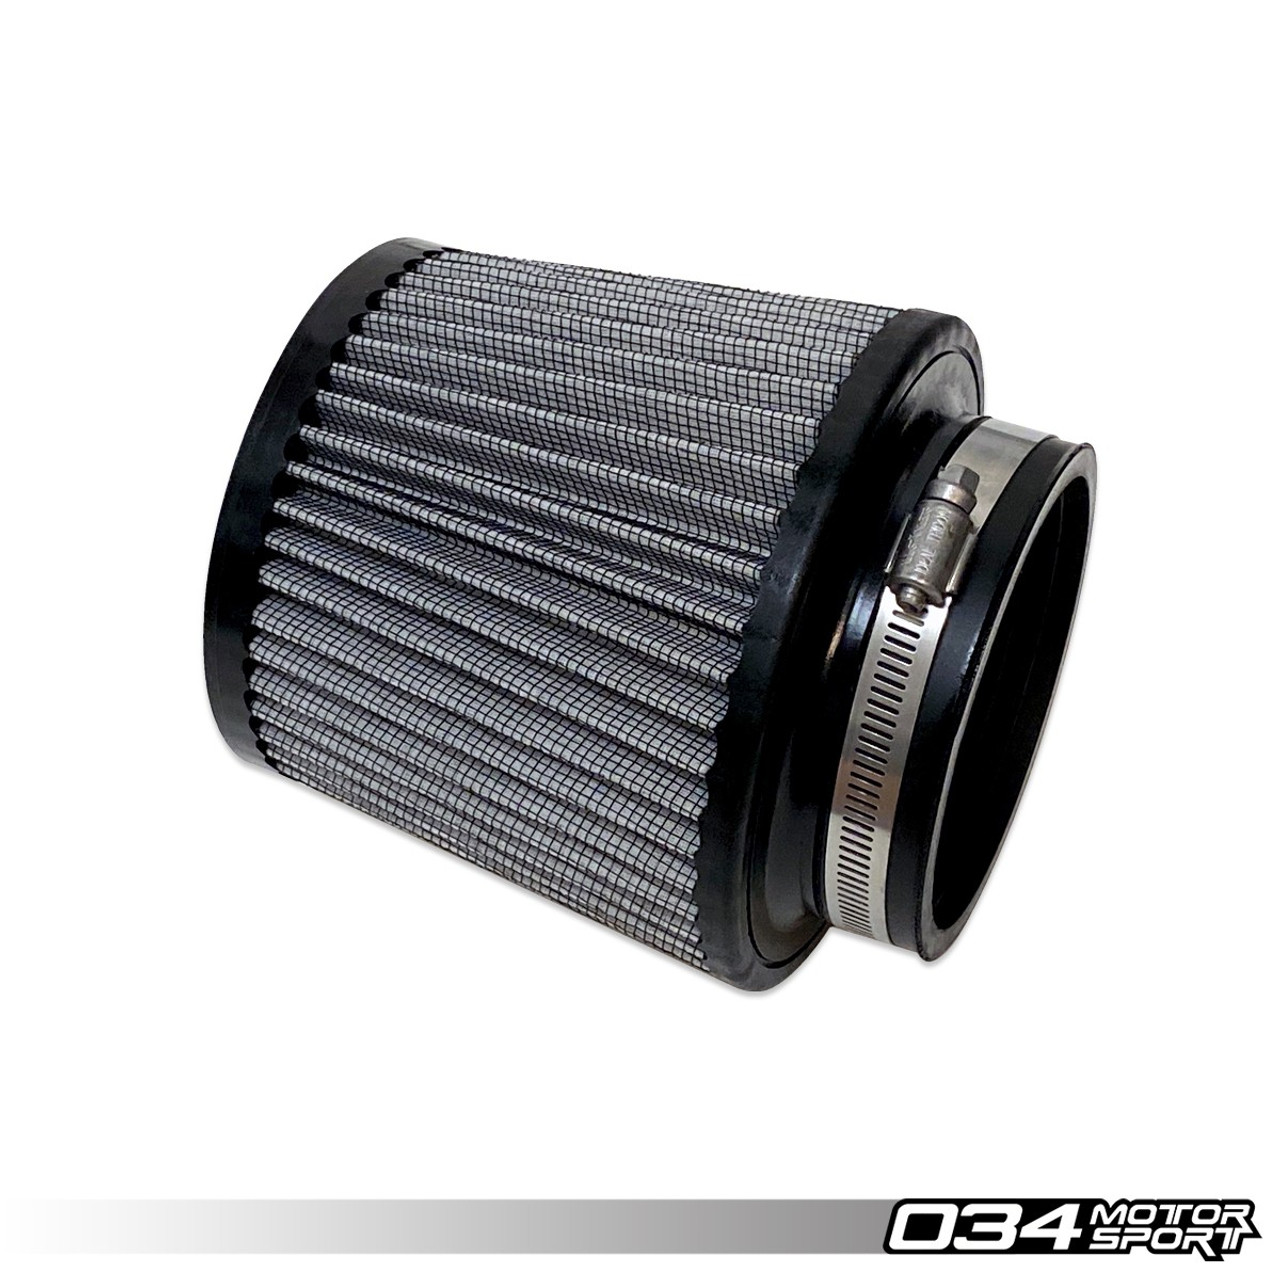 """034Motorsport X34 4"""" Carbon Fiber Closed Top Intake Bundle for 8V RS3 & 8S TTRS"""